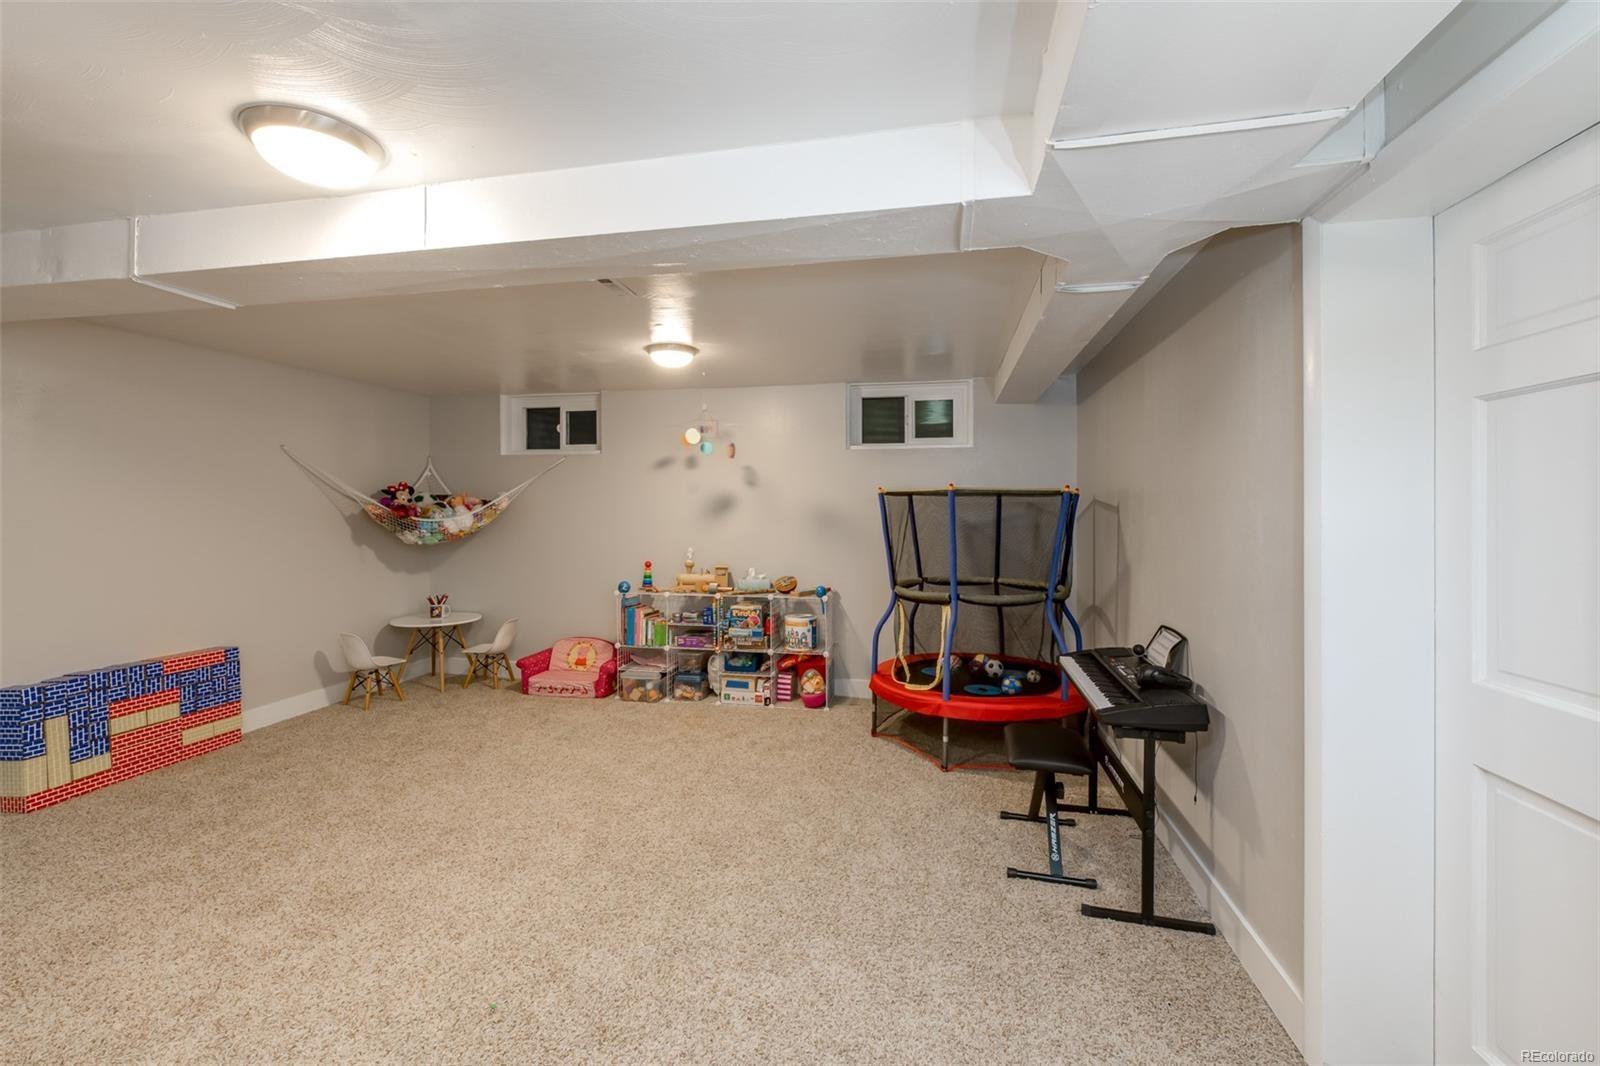 MLS# 4148317 - 19 - 5995 S Clarkson Street, Centennial, CO 80121